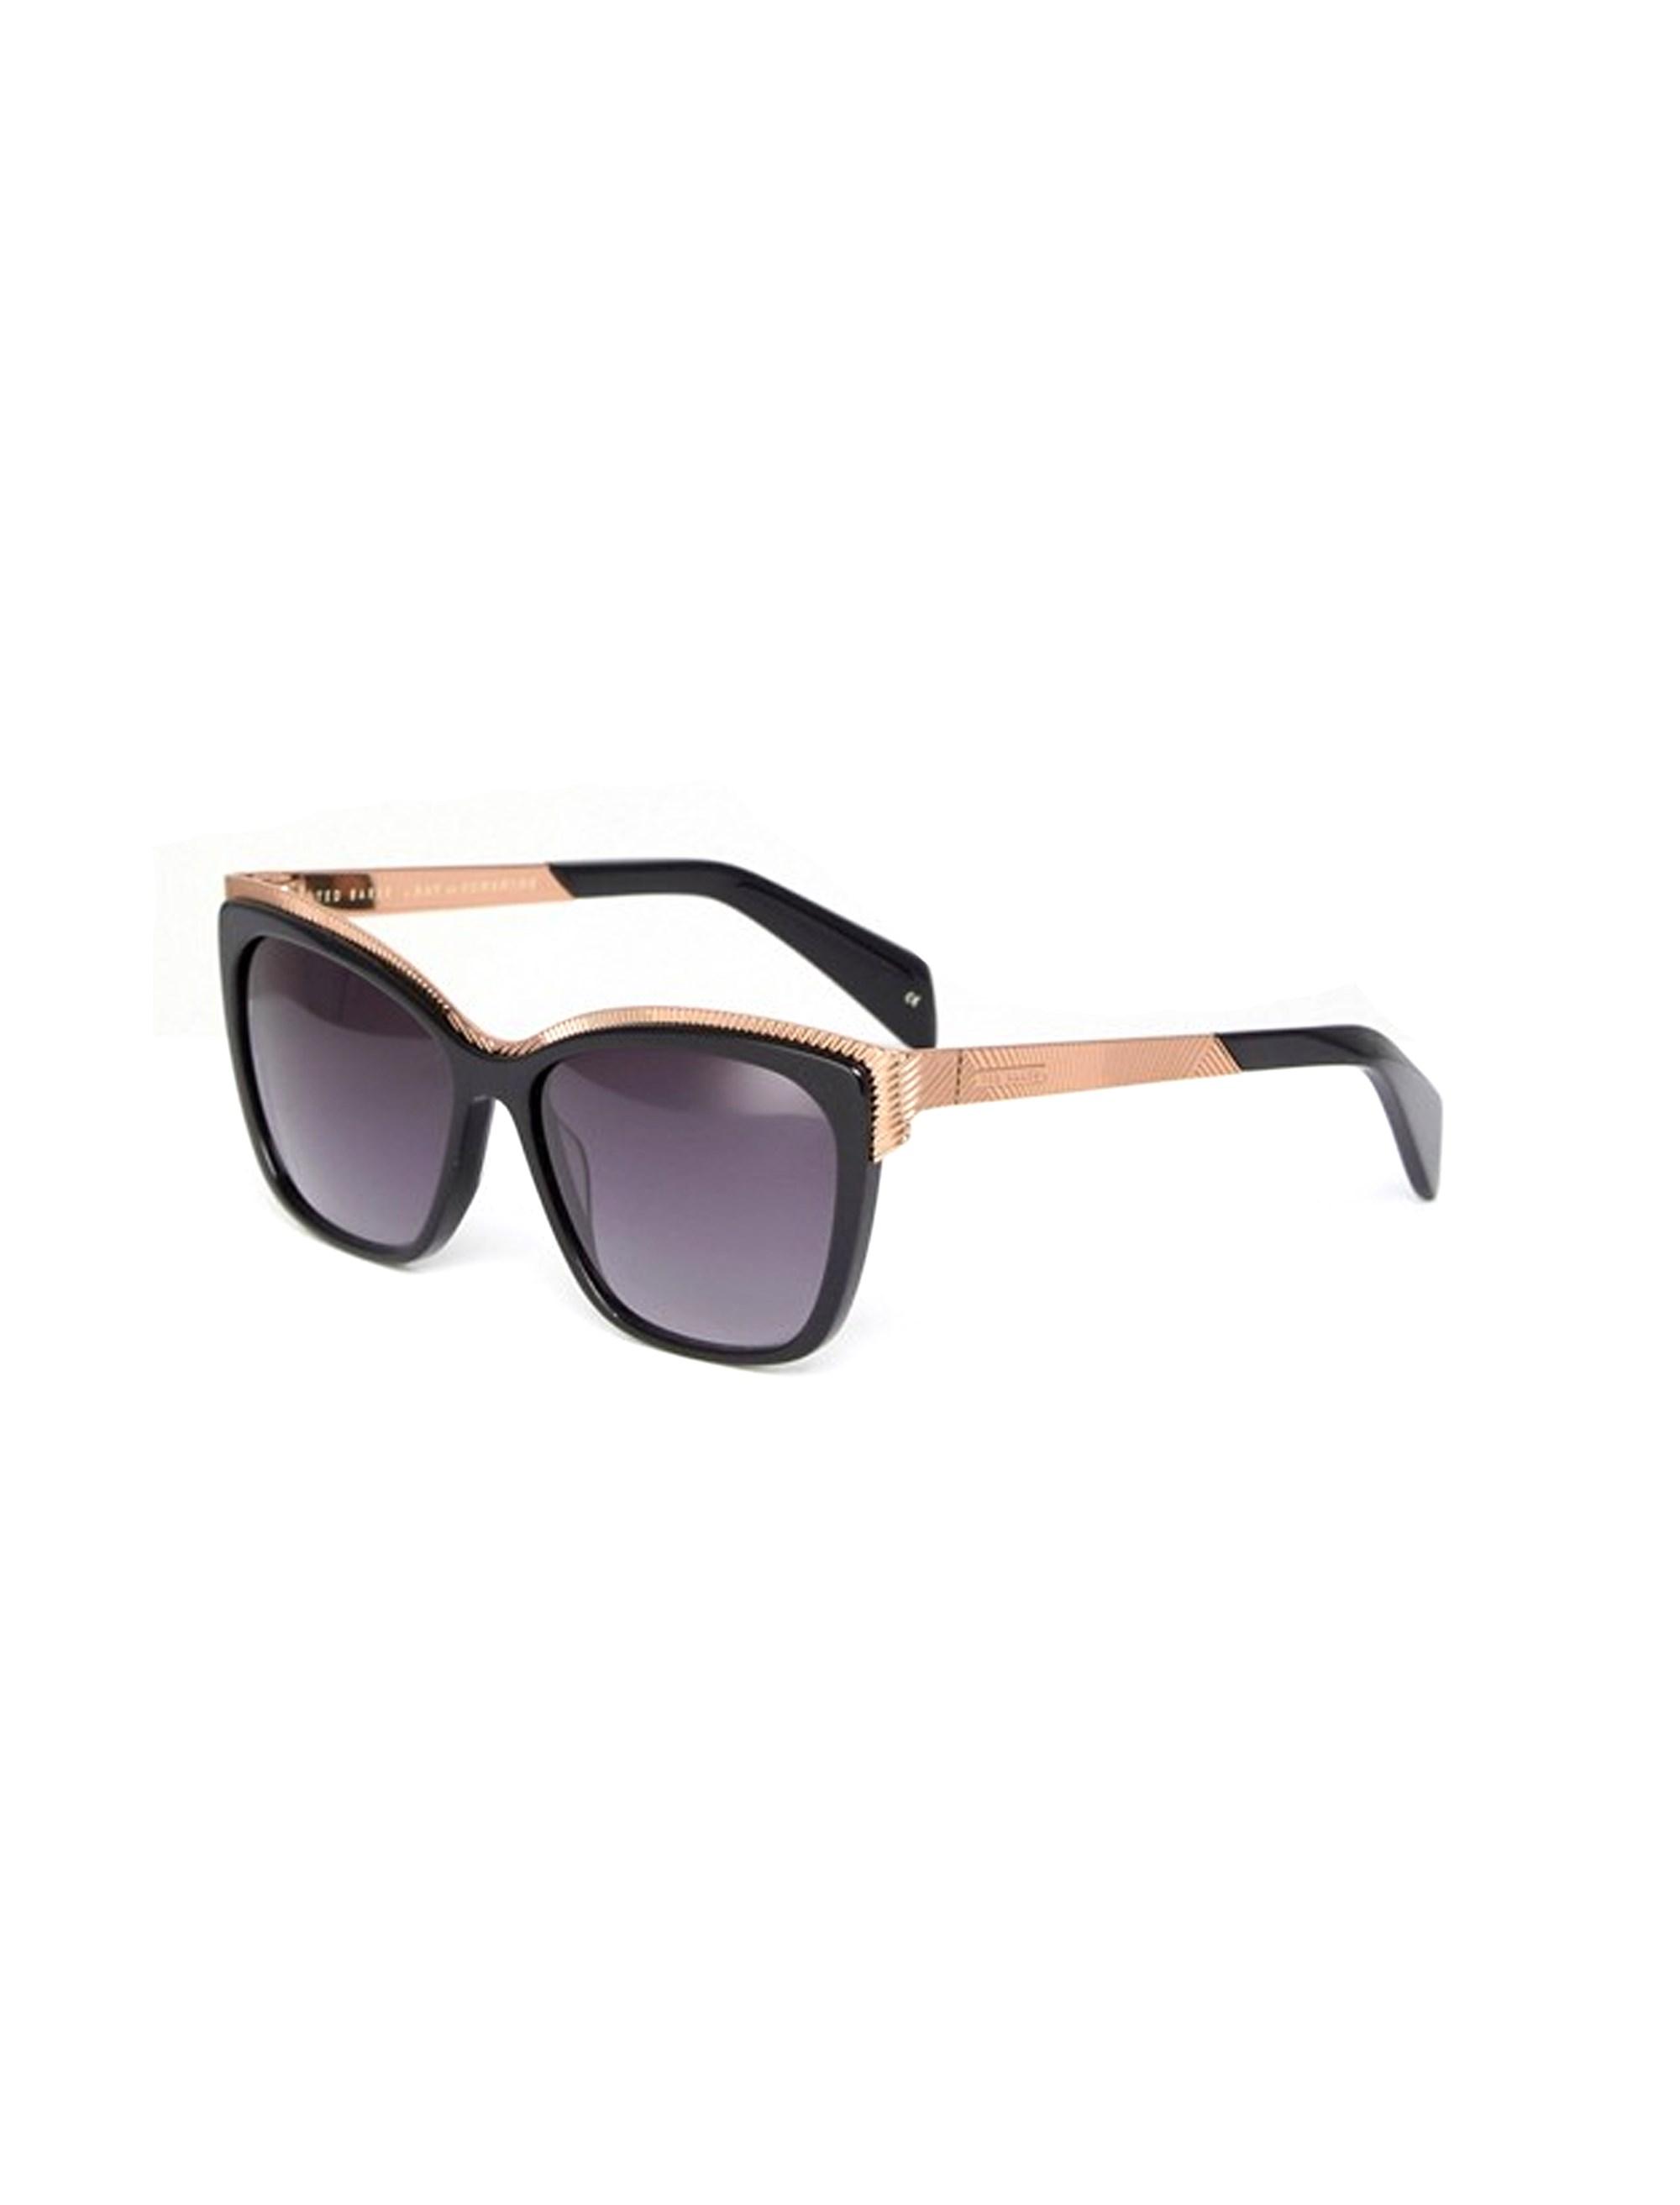 قیمت عینک آفتابی پروانه ای زنانه - تد بیکر